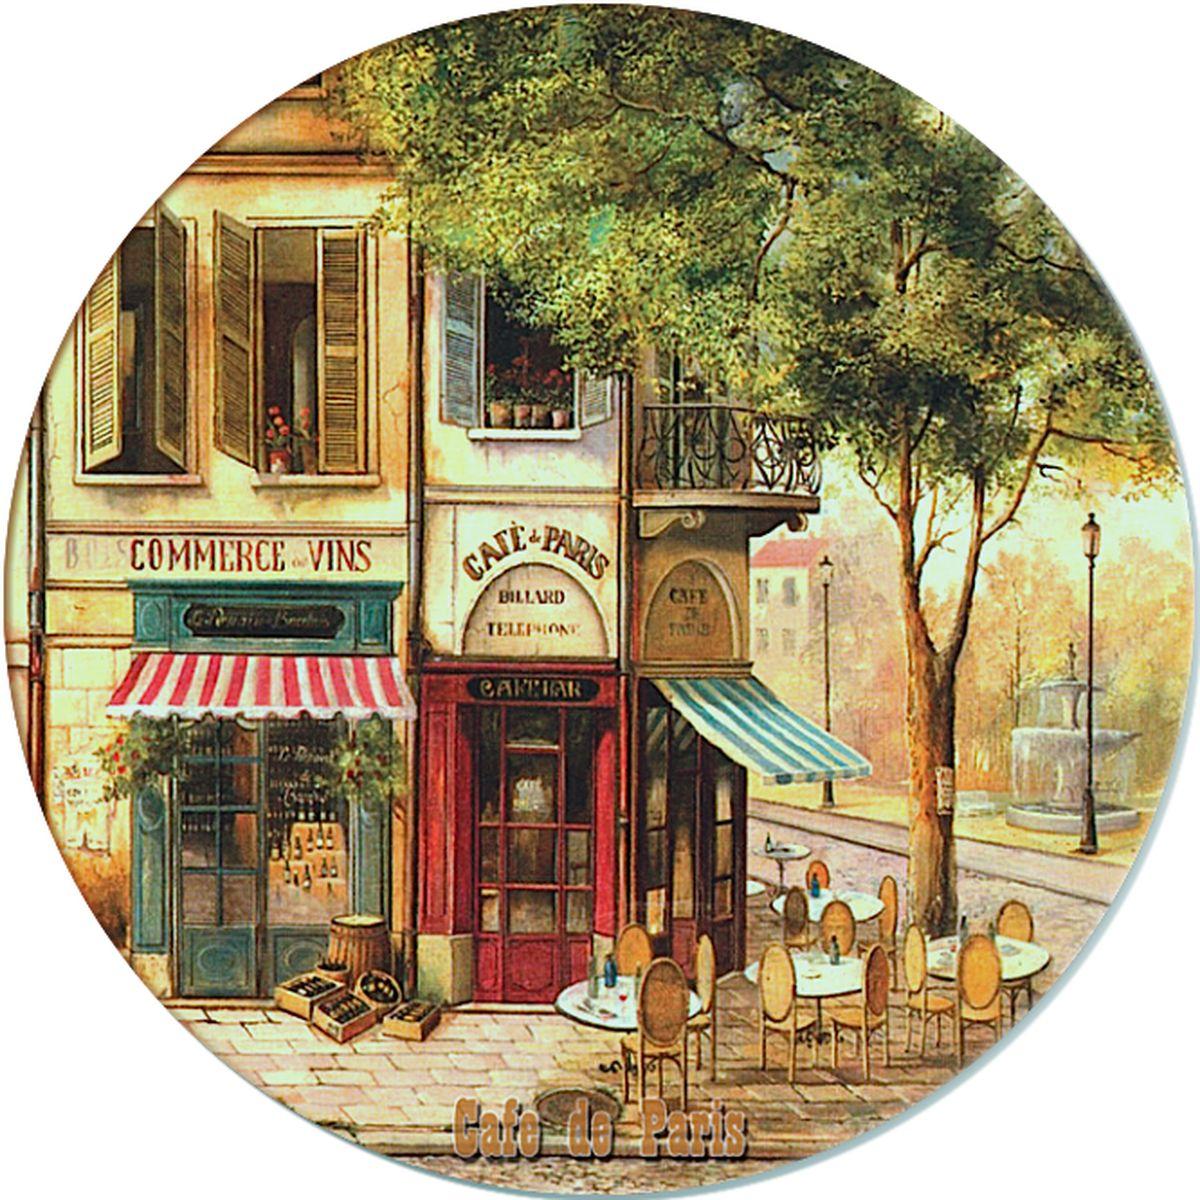 Доска разделочная GiftnHome Парижское кафе, стеклянная, диаметр 19 смRCB-01-CafeРазделочная доска GiftnHome Парижское кафе выполнена из жароустойчивого стекла. Изделие, украшенное красочным изображением, идеально впишется в интерьер современной кухни. Специальное покрытие вкладыша обеспечивает стойкость к влаге и высоким температурам. Изделие легко чистить от пятен и жира. Также доску можно применять как подставку под горячее. Разделочная доска GiftnHome Парижское кафе украсит ваш стол и сбережет его от воздействия высоких температур ваших кулинарных шедевров. Можно мыть в посудомоечной машине. Диаметр доски: 19 см. Толщина доски: 0,4 см.